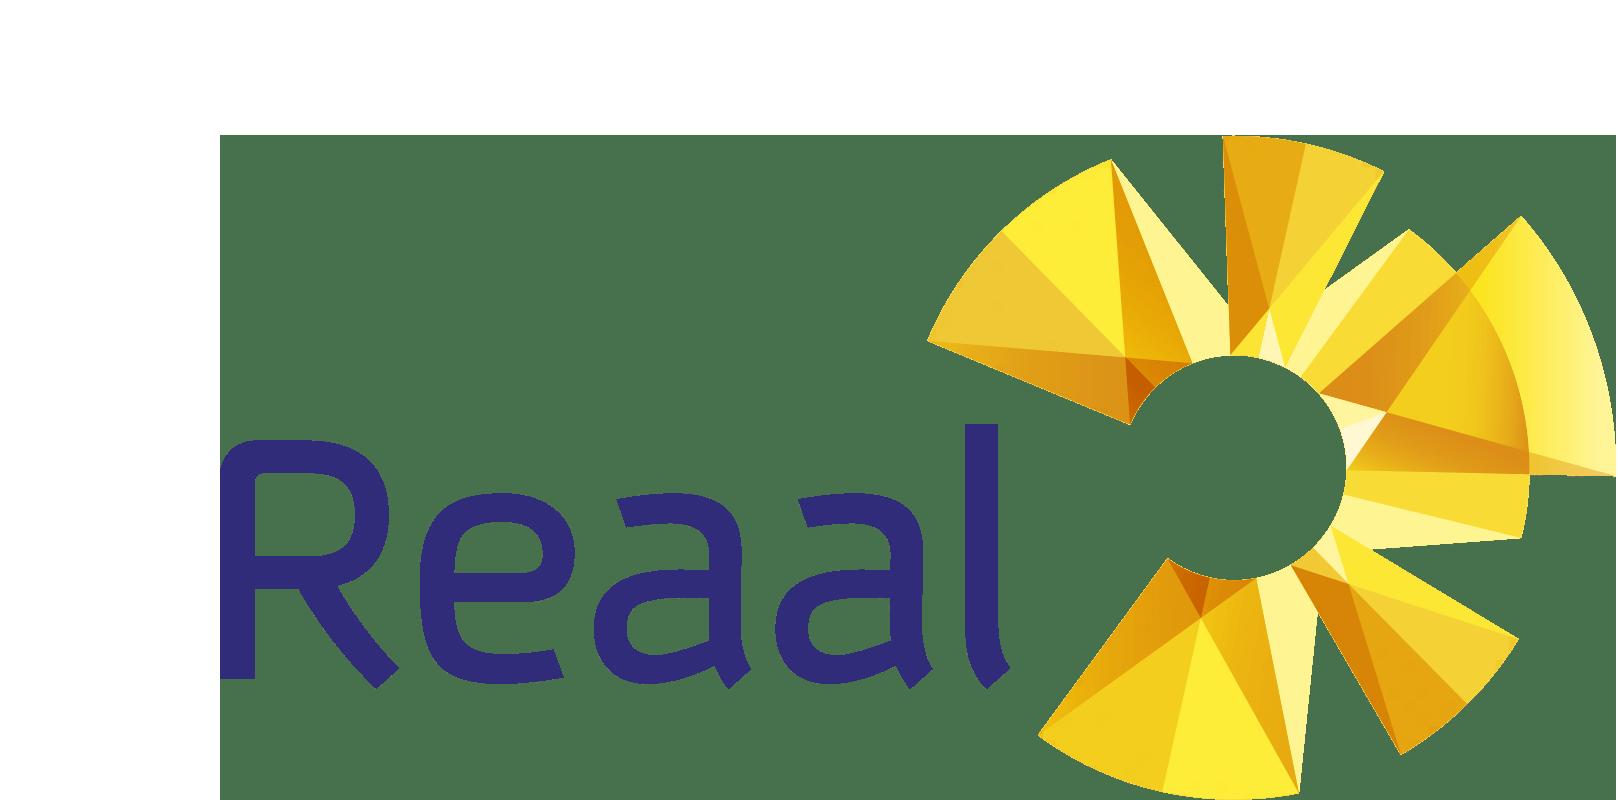 https://overwater-volmacht.nl/wp-content/uploads/2020/03/logo-reaal.png